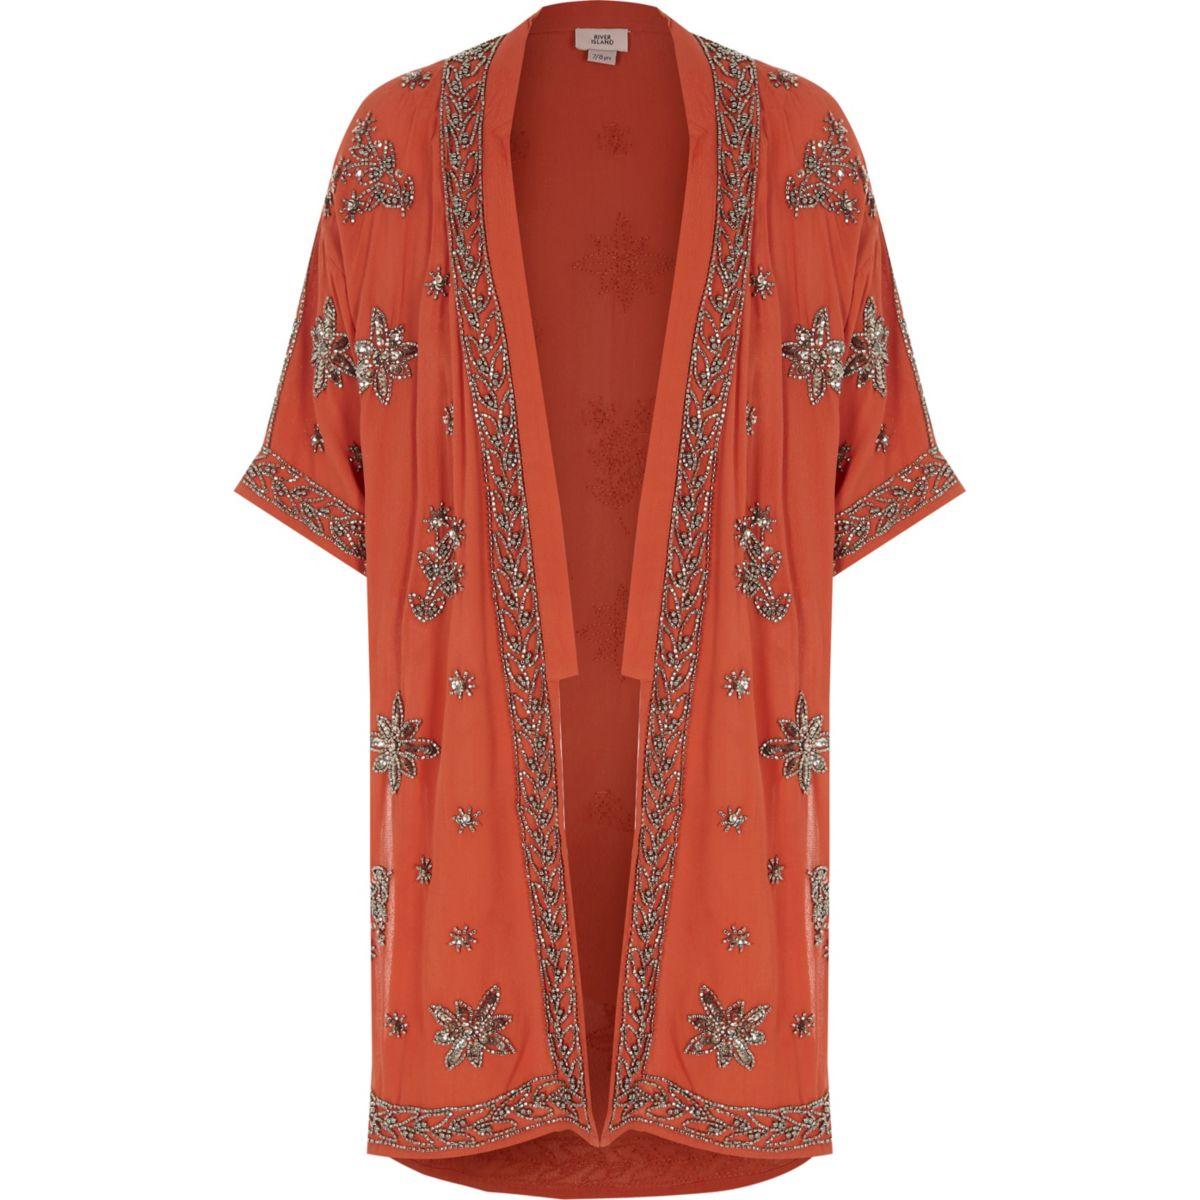 Verzierter Kimono in Rostorange